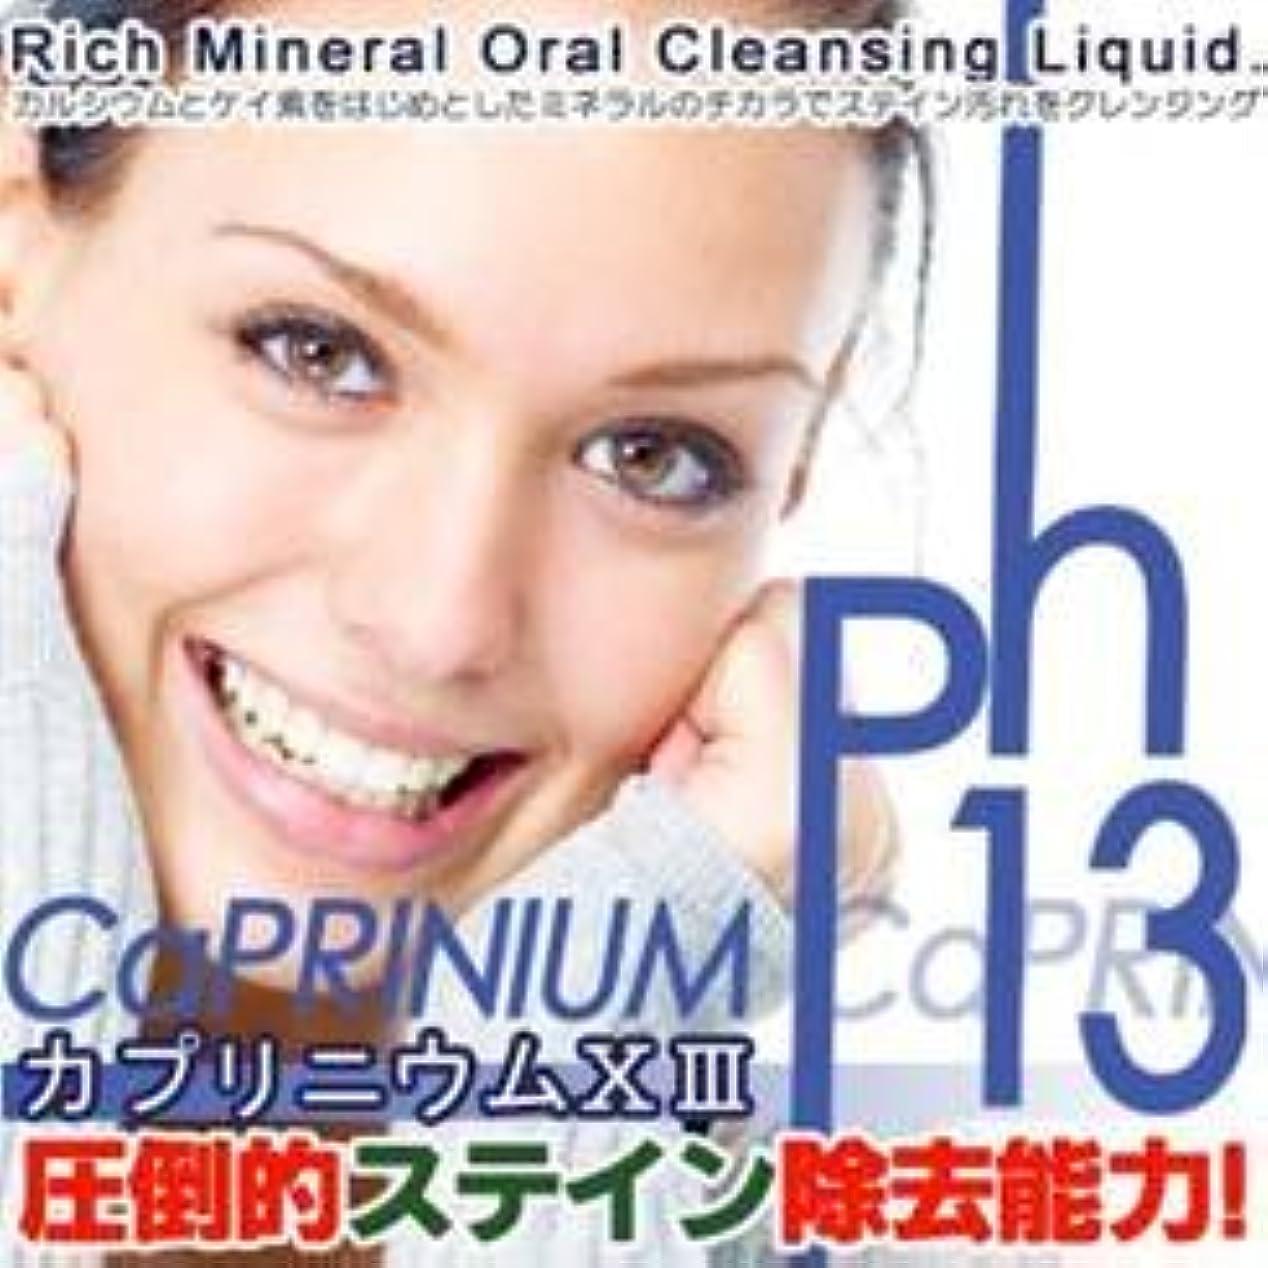 交通物理的な郵便屋さんカプリニウムサーティーンジェル1個入(10日分) 電動歯ブラシ対応歯磨きジェル